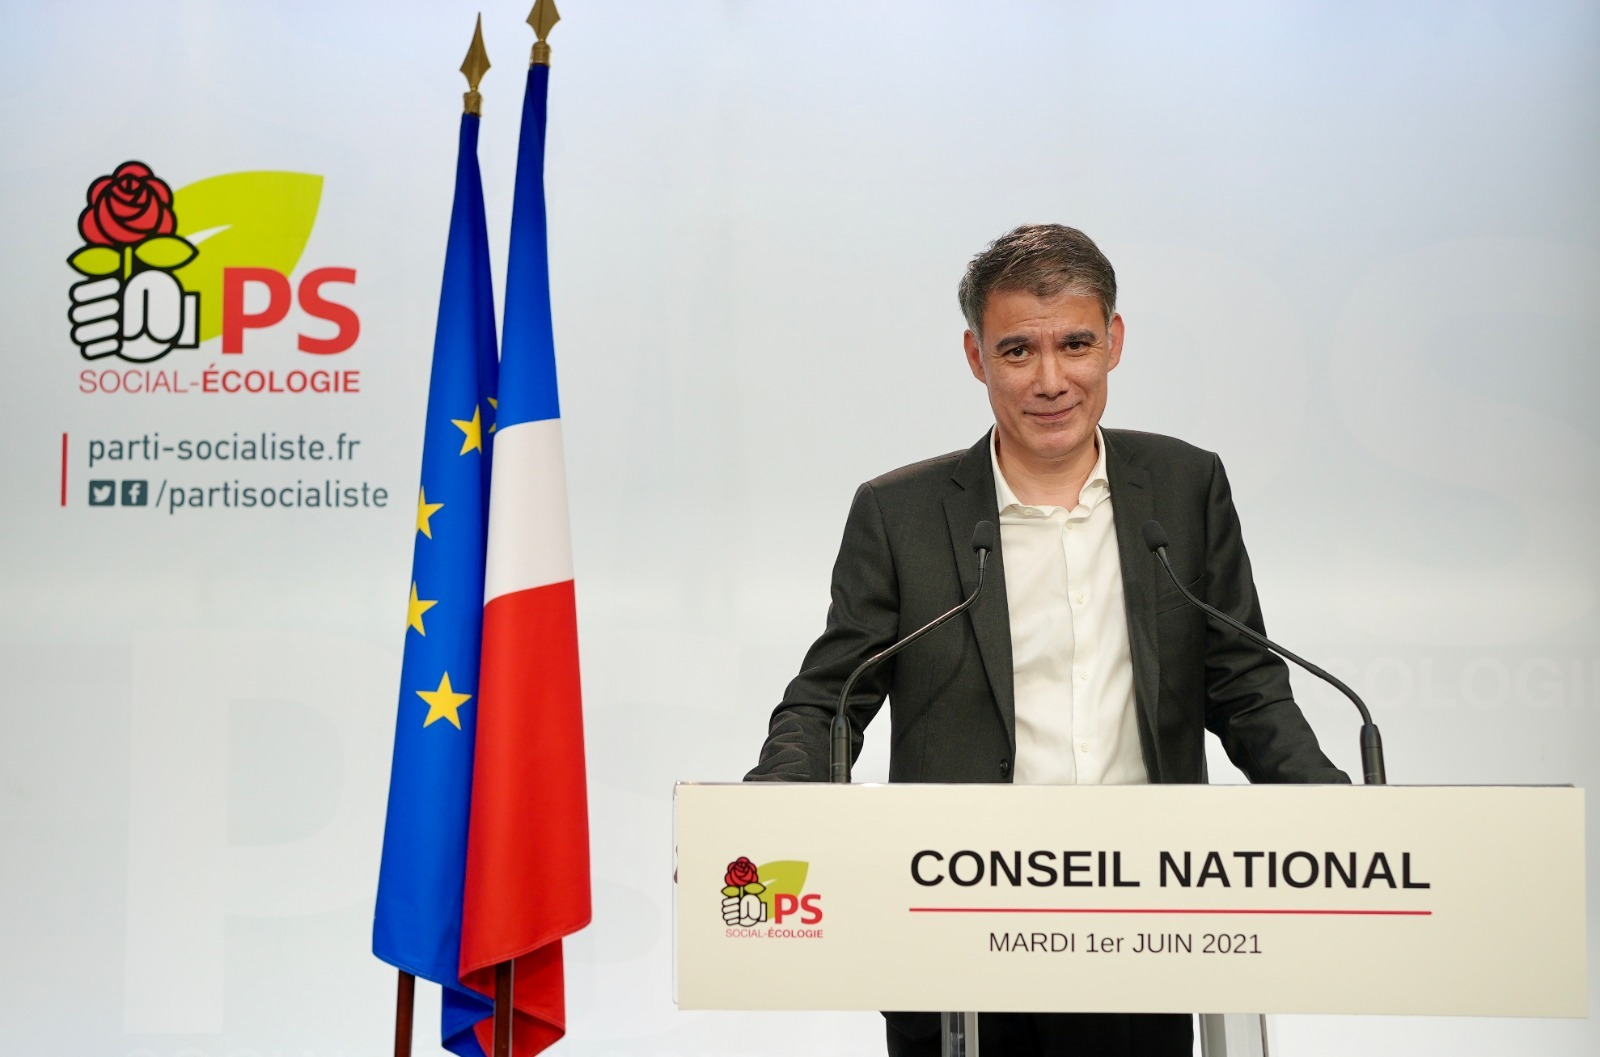 Read more about the article Le PS annonce son prochain congrès avec la présidentielle 2022 en ligne de mire